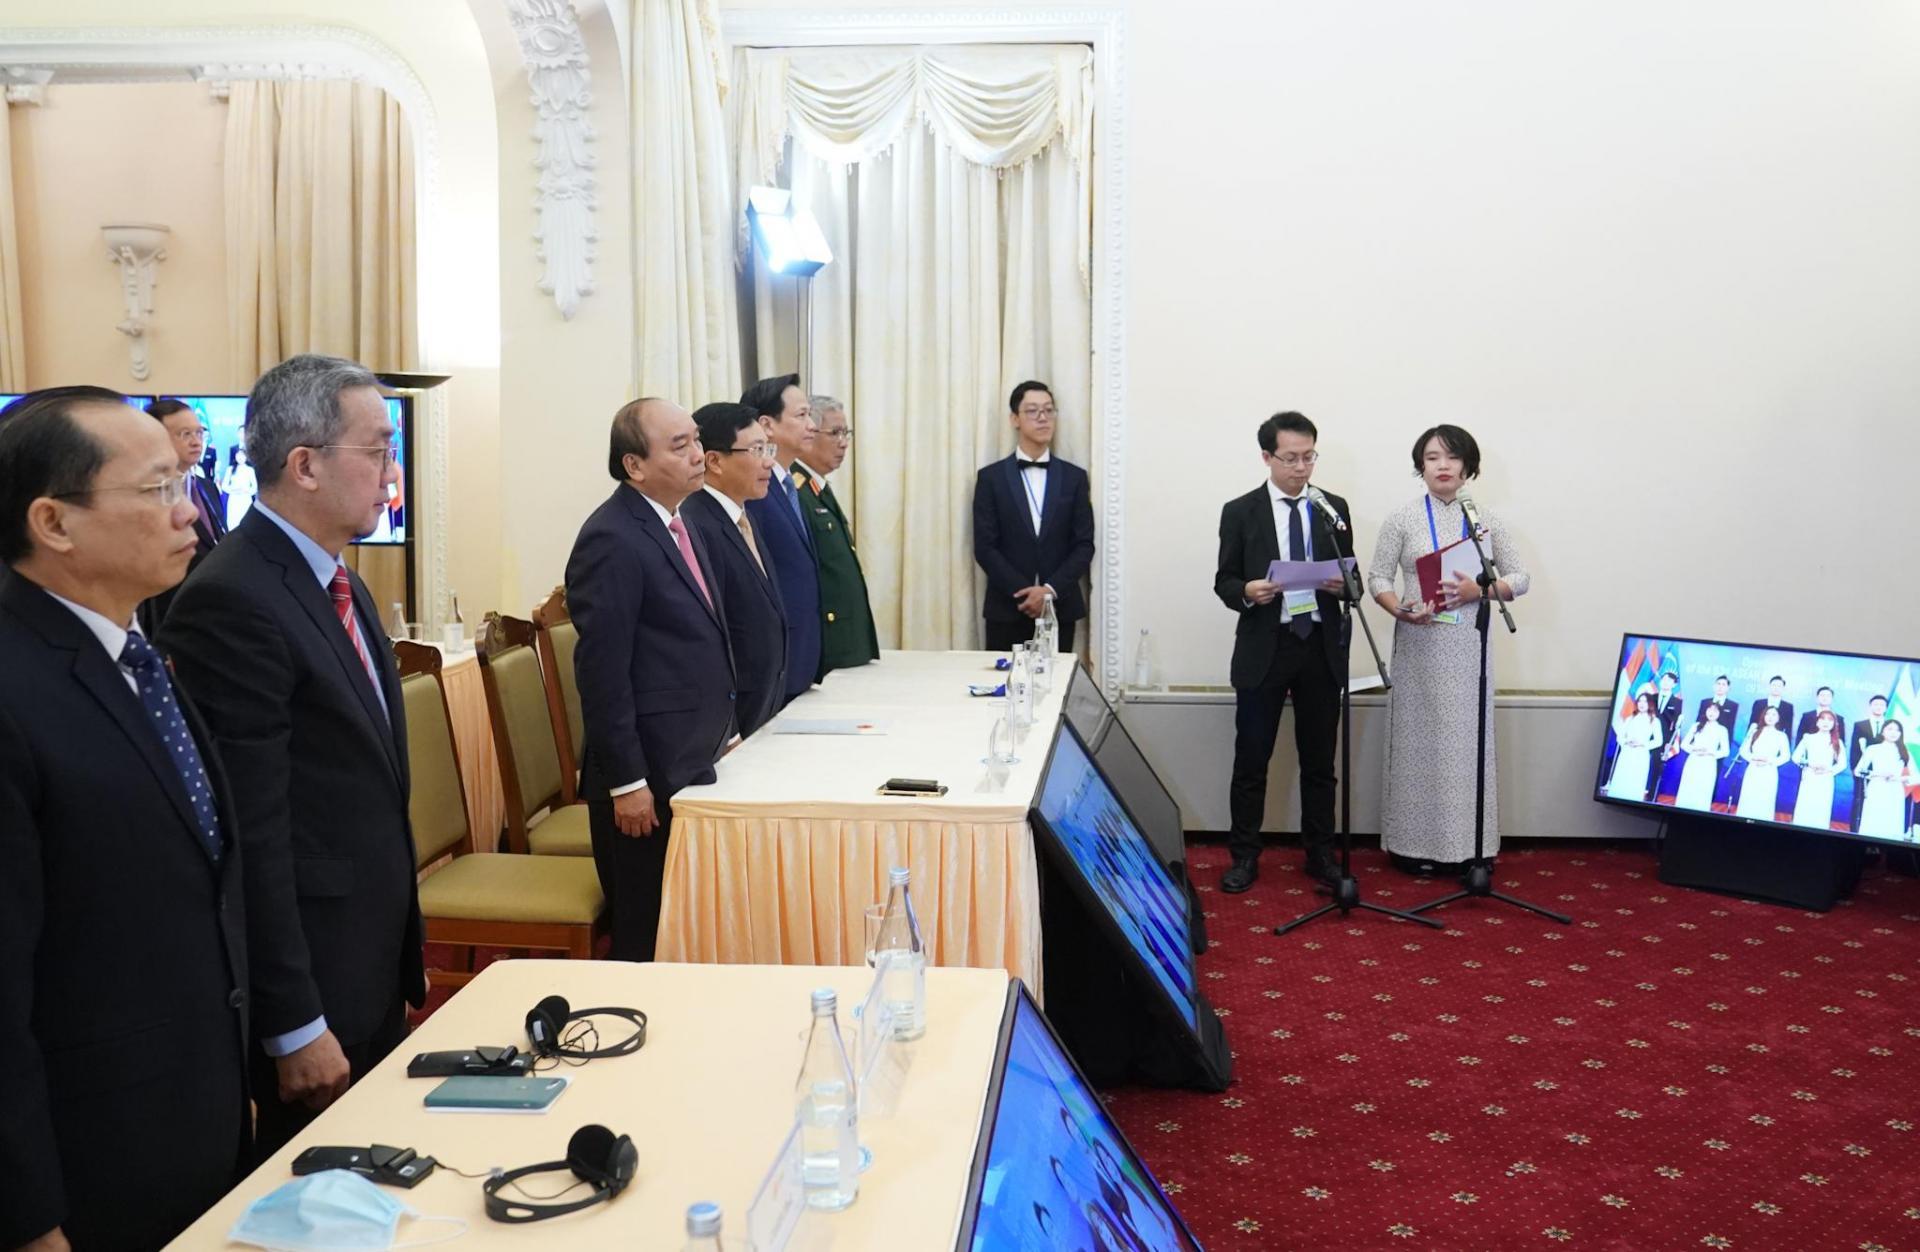 Thủ tướng Nguyễn Xuân Phúc, Phó Thủ tướng, Bộ trưởng Ngoại giao Phạm Bình Minh và các đại biểu thực hiện nghi lễ khai mạc Hội nghị.